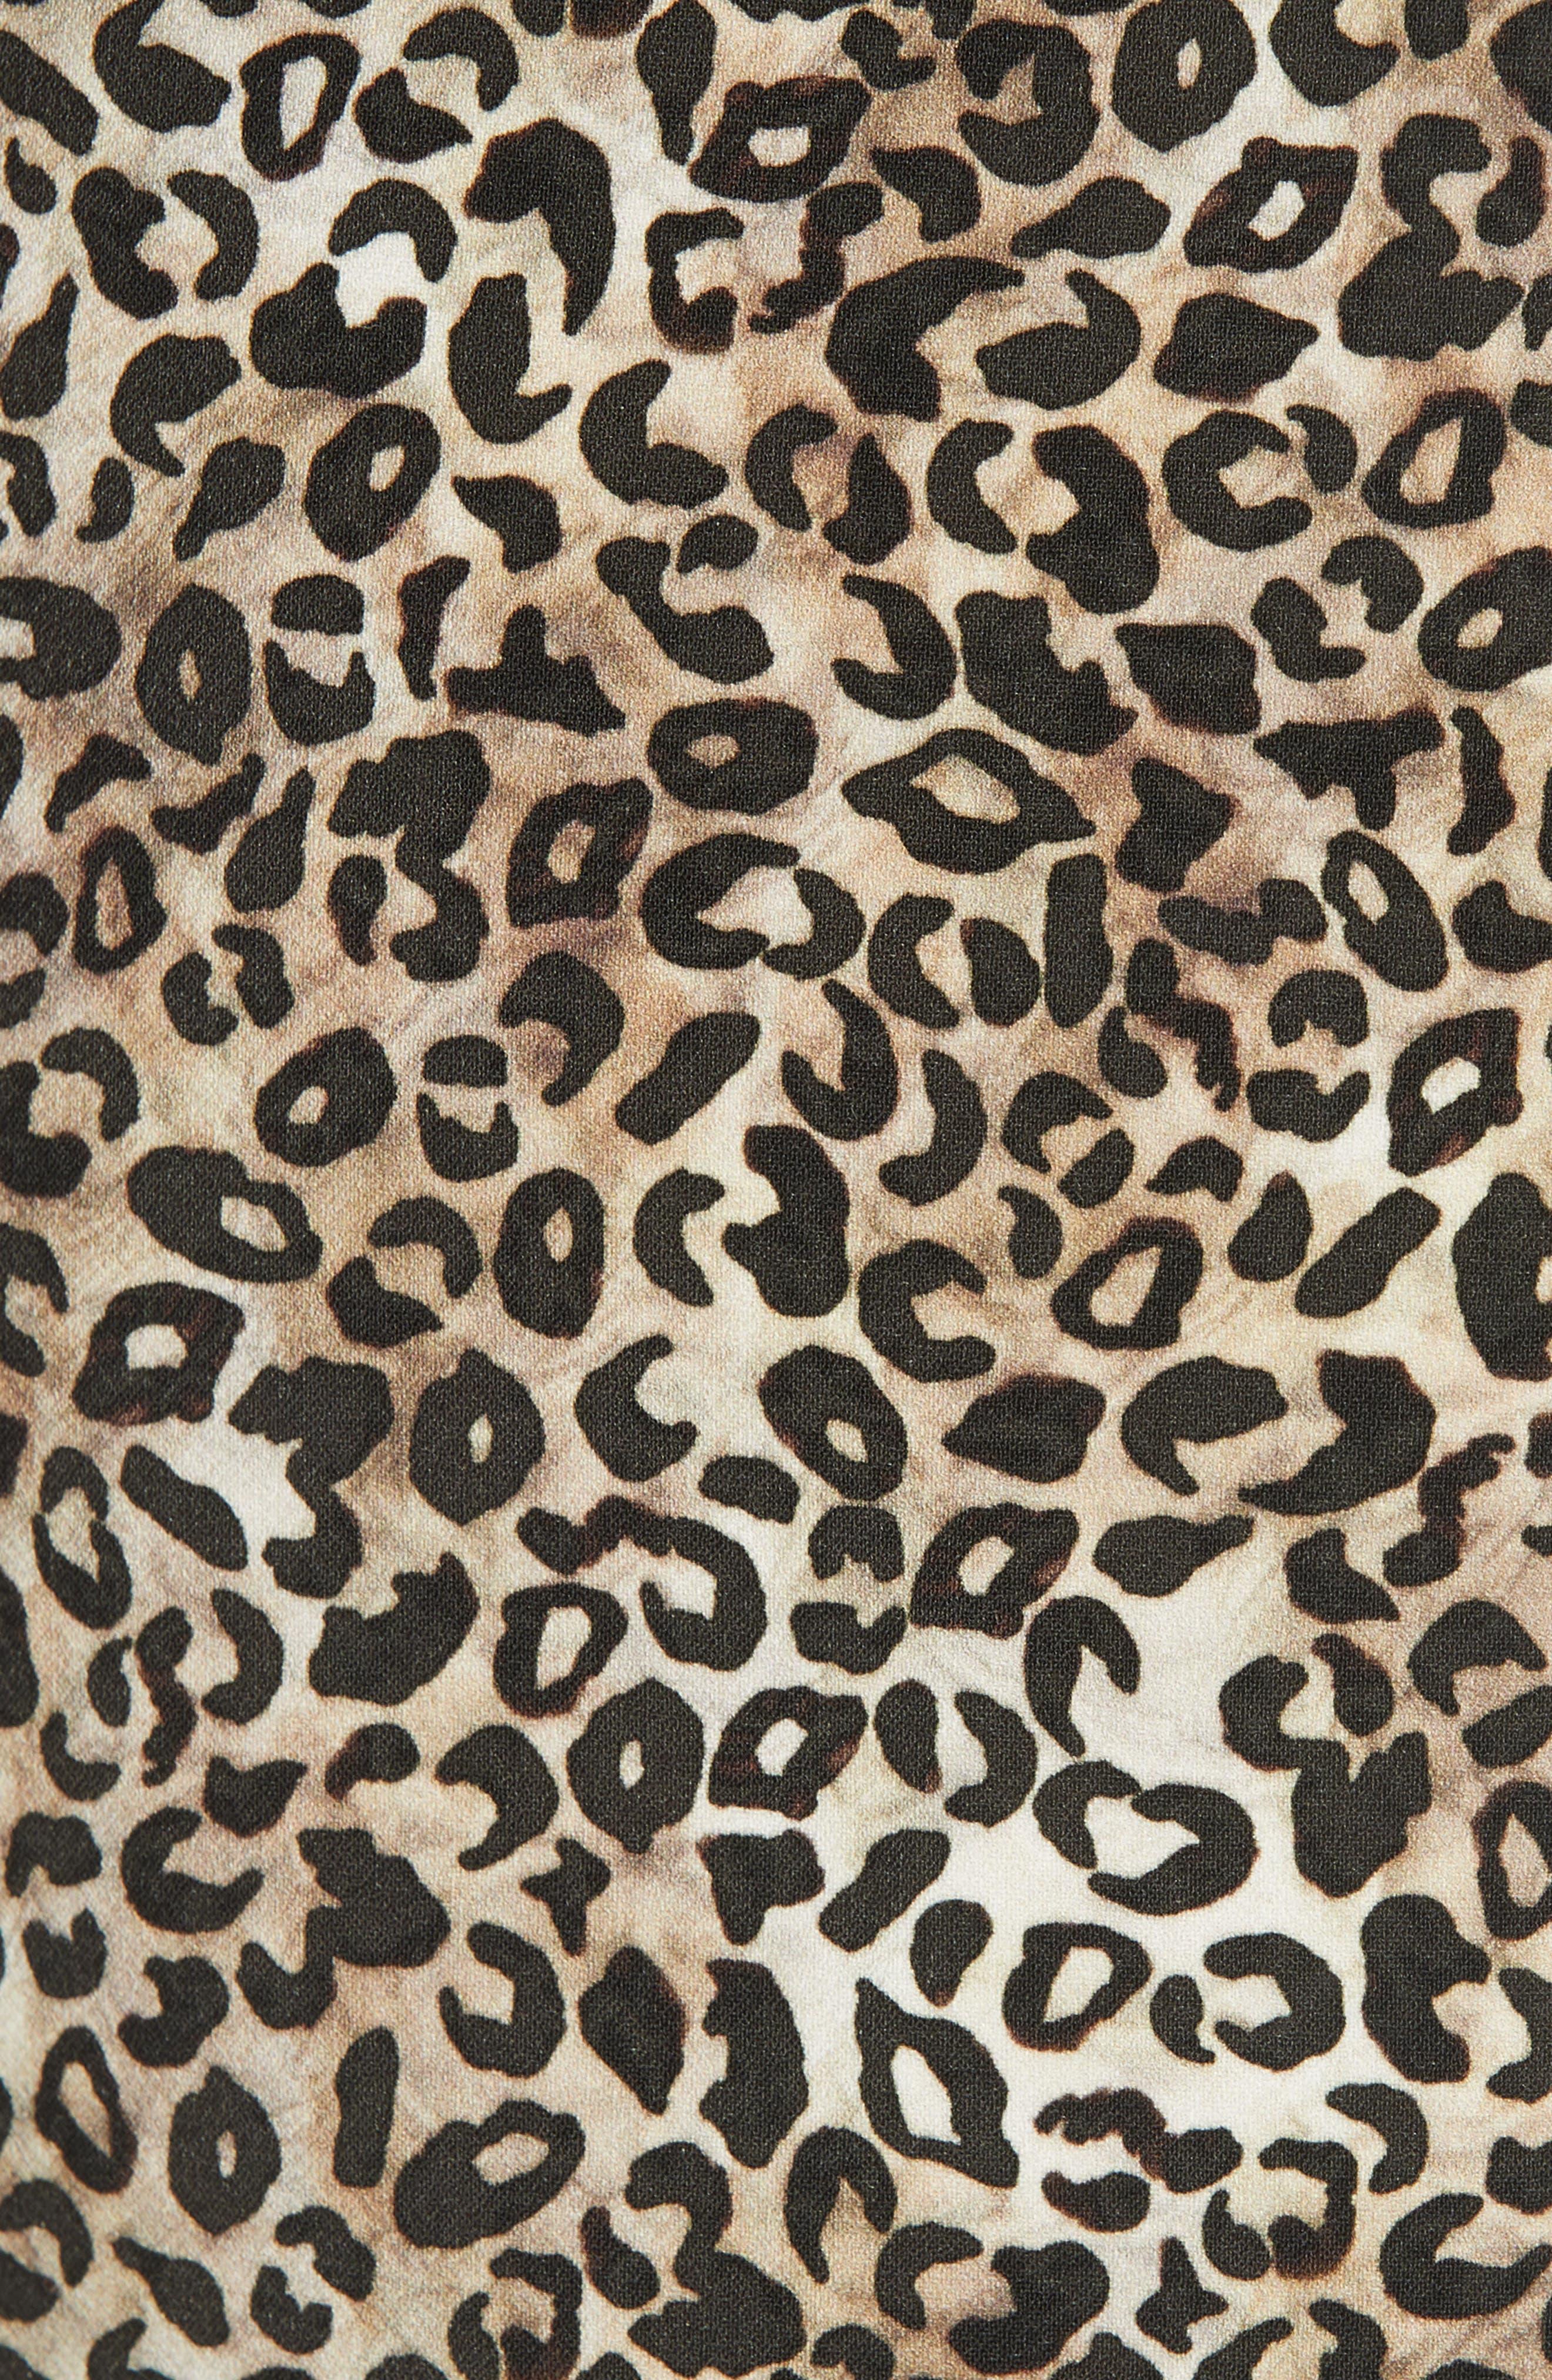 Celia Floral Print Dress,                             Alternate thumbnail 5, color,                             True Leopard